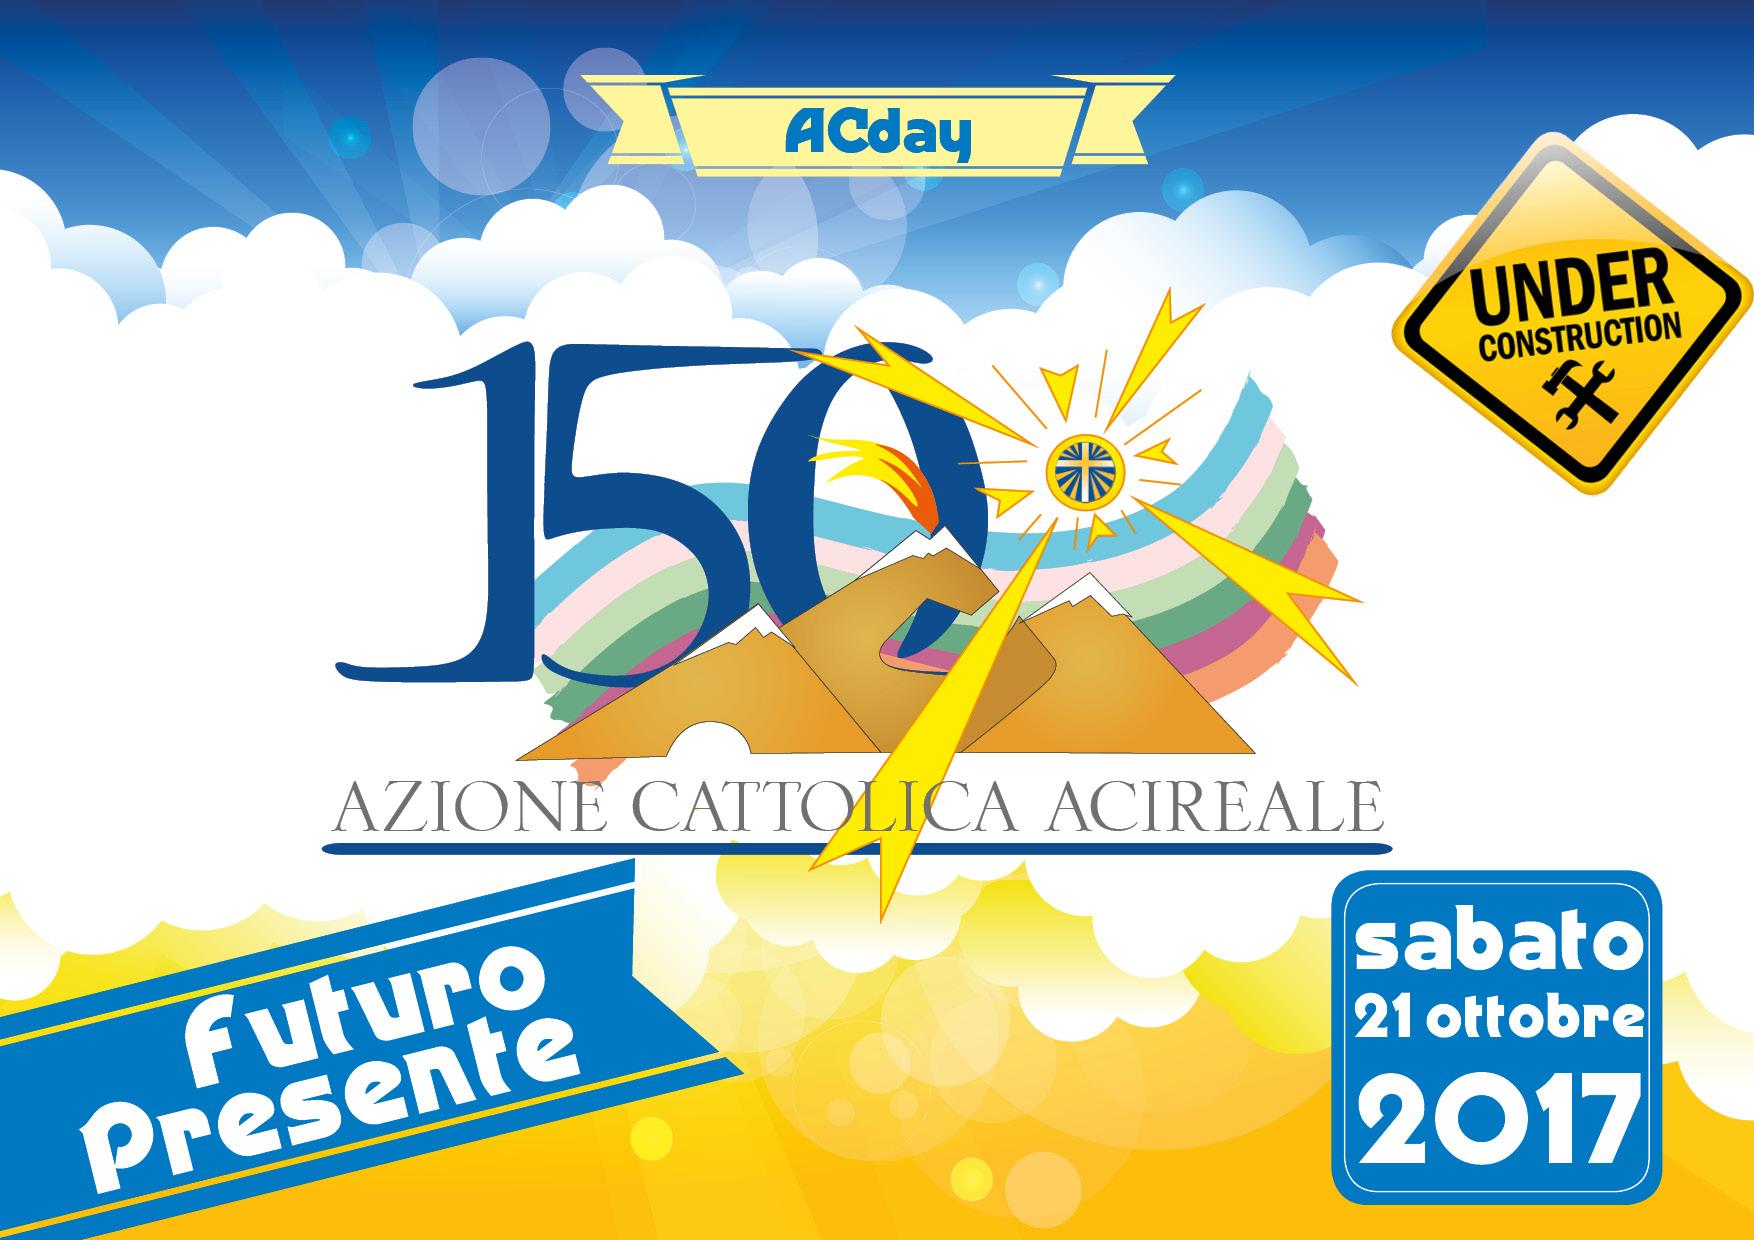 Iniziano i festeggiamenti diocesani per i 150 anni dell'AC